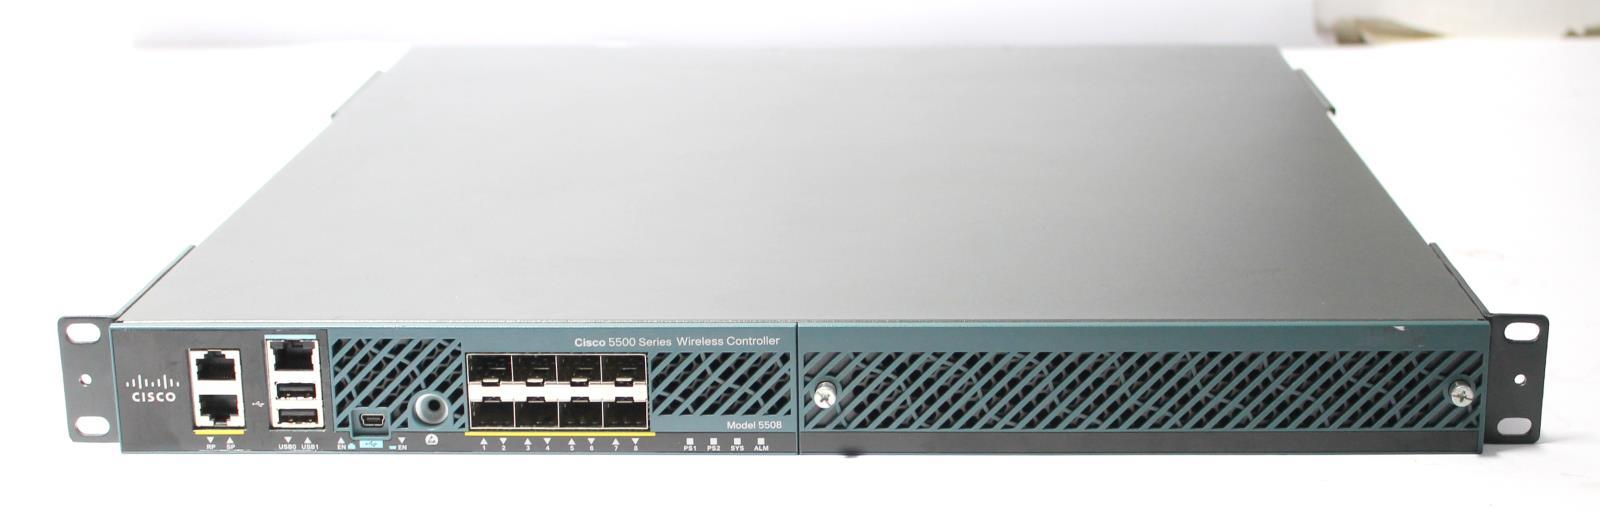 Cisco AIR-CT5508-K9 5500 Series Wireless LAN Controller 112 AP Version 8 3